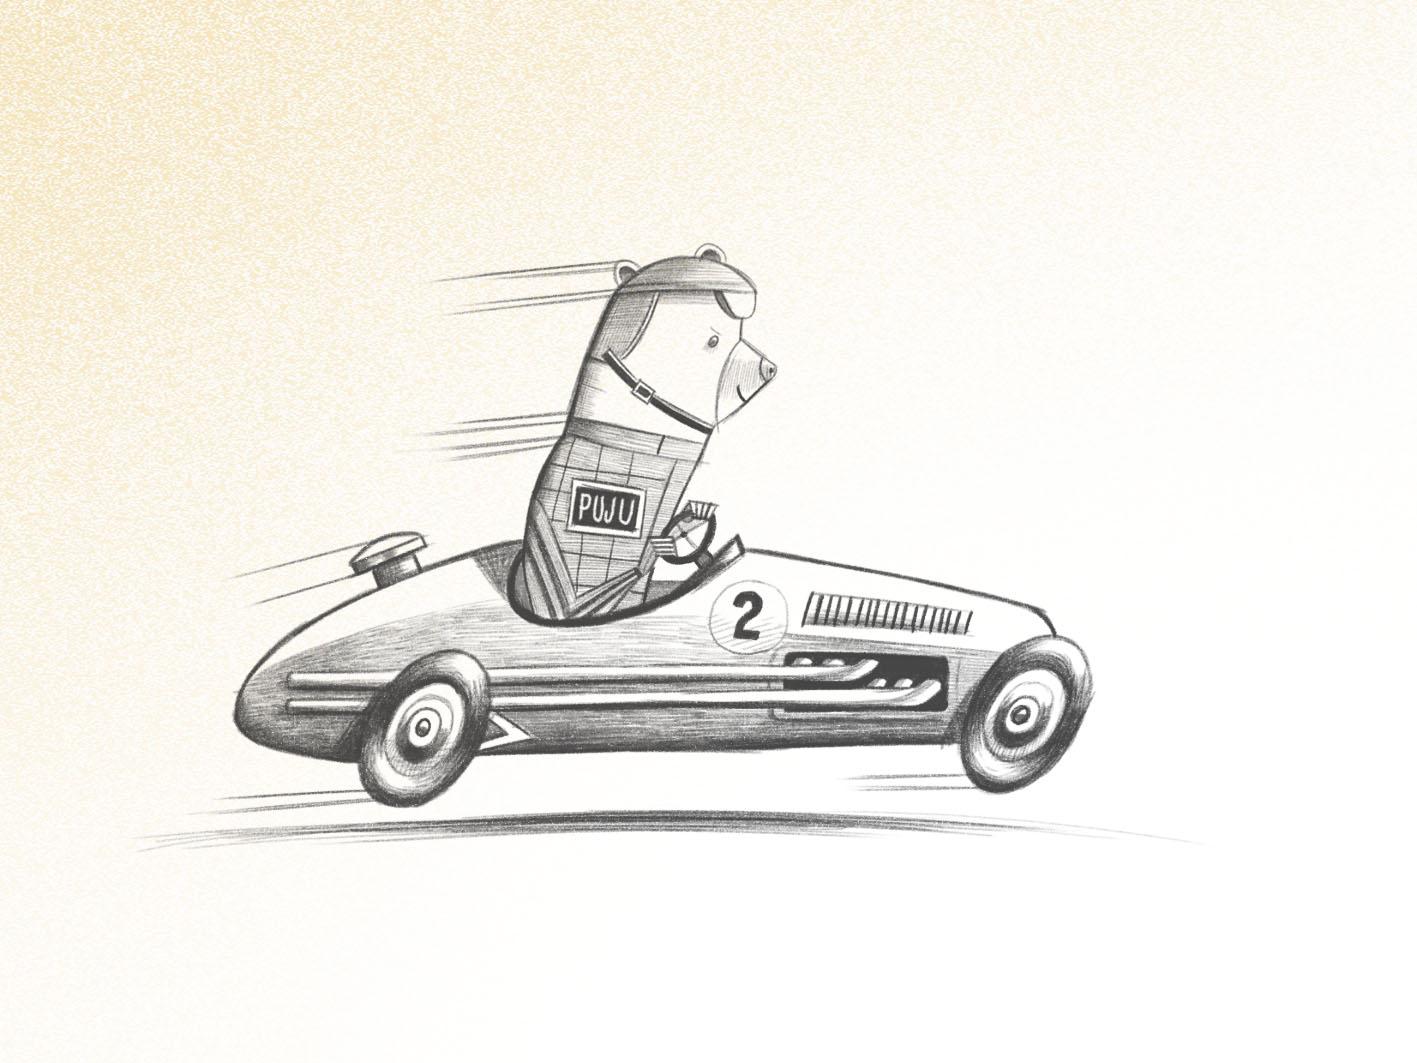 Puju in car